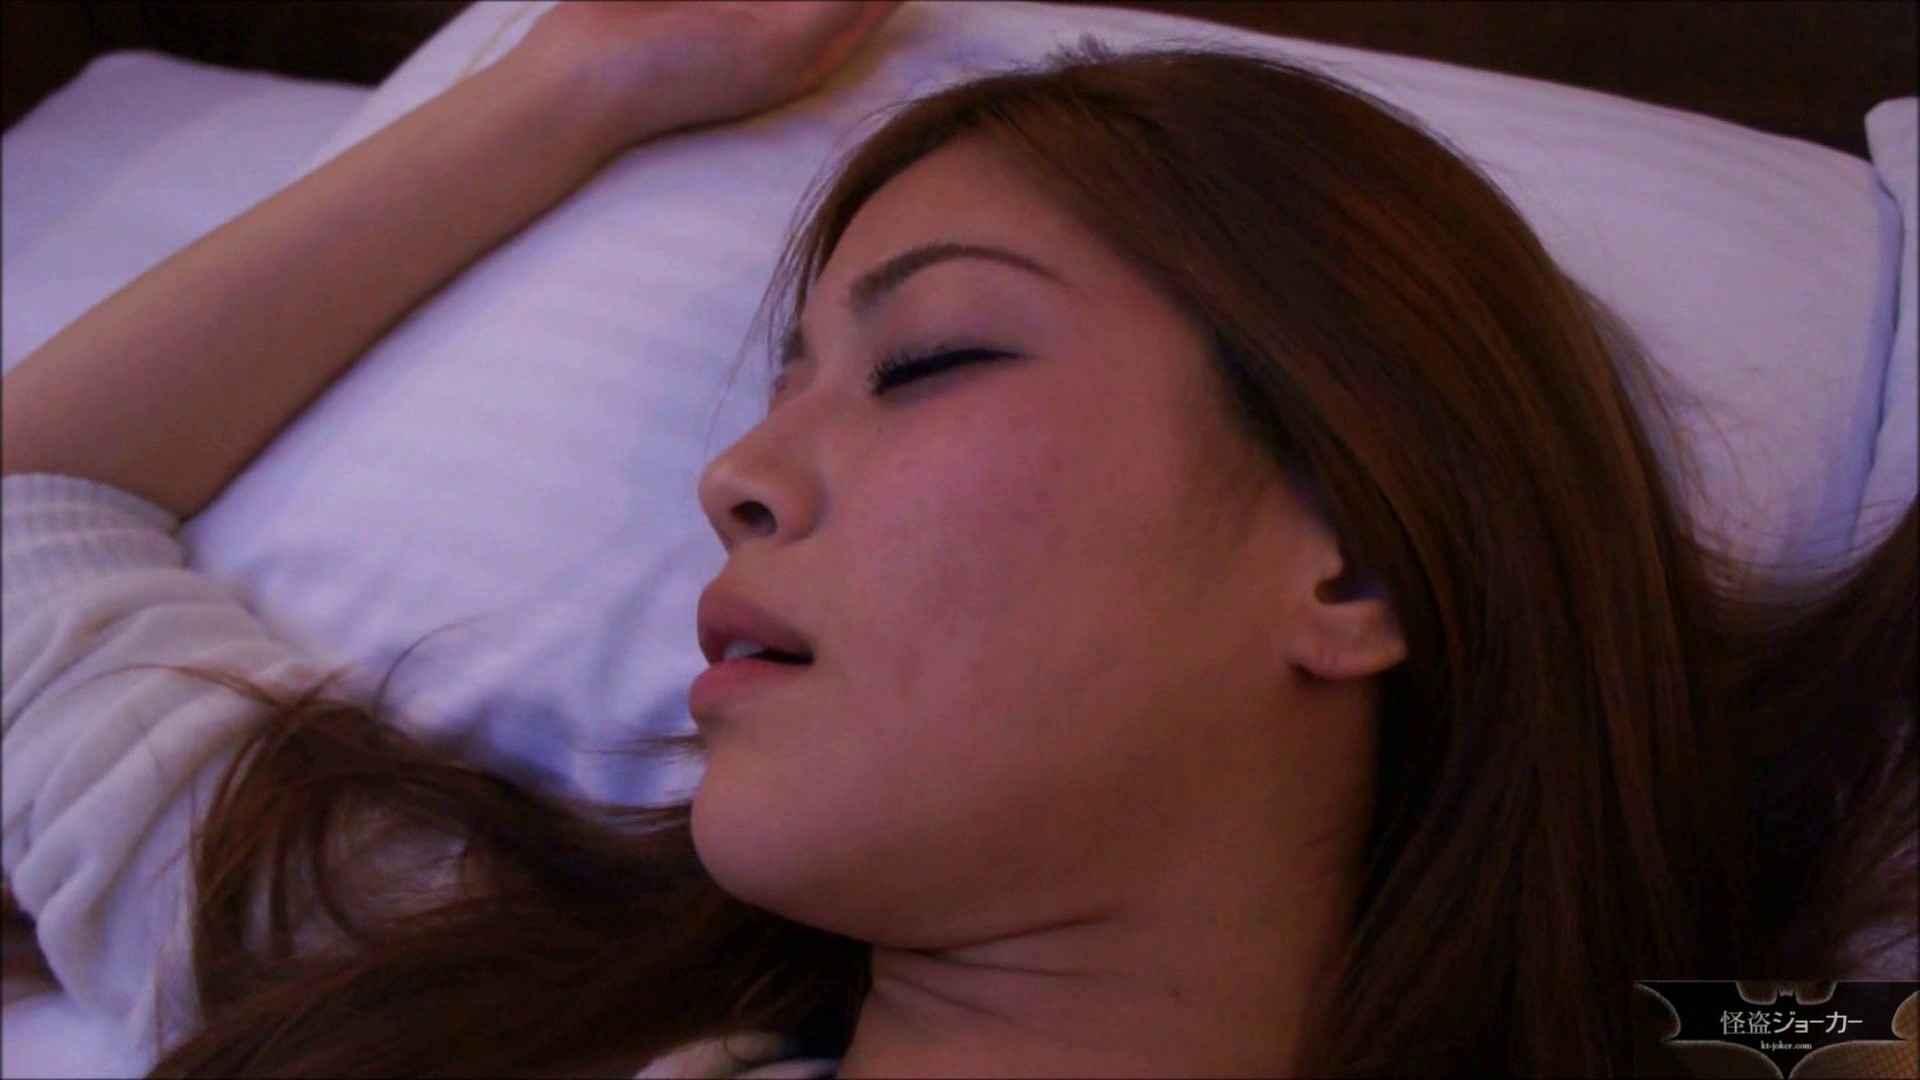 【未公開】vol.8 セレブ美魔女・ユキさんとの密会後・・・ 丸見え | ホテルで絶頂  94画像 25